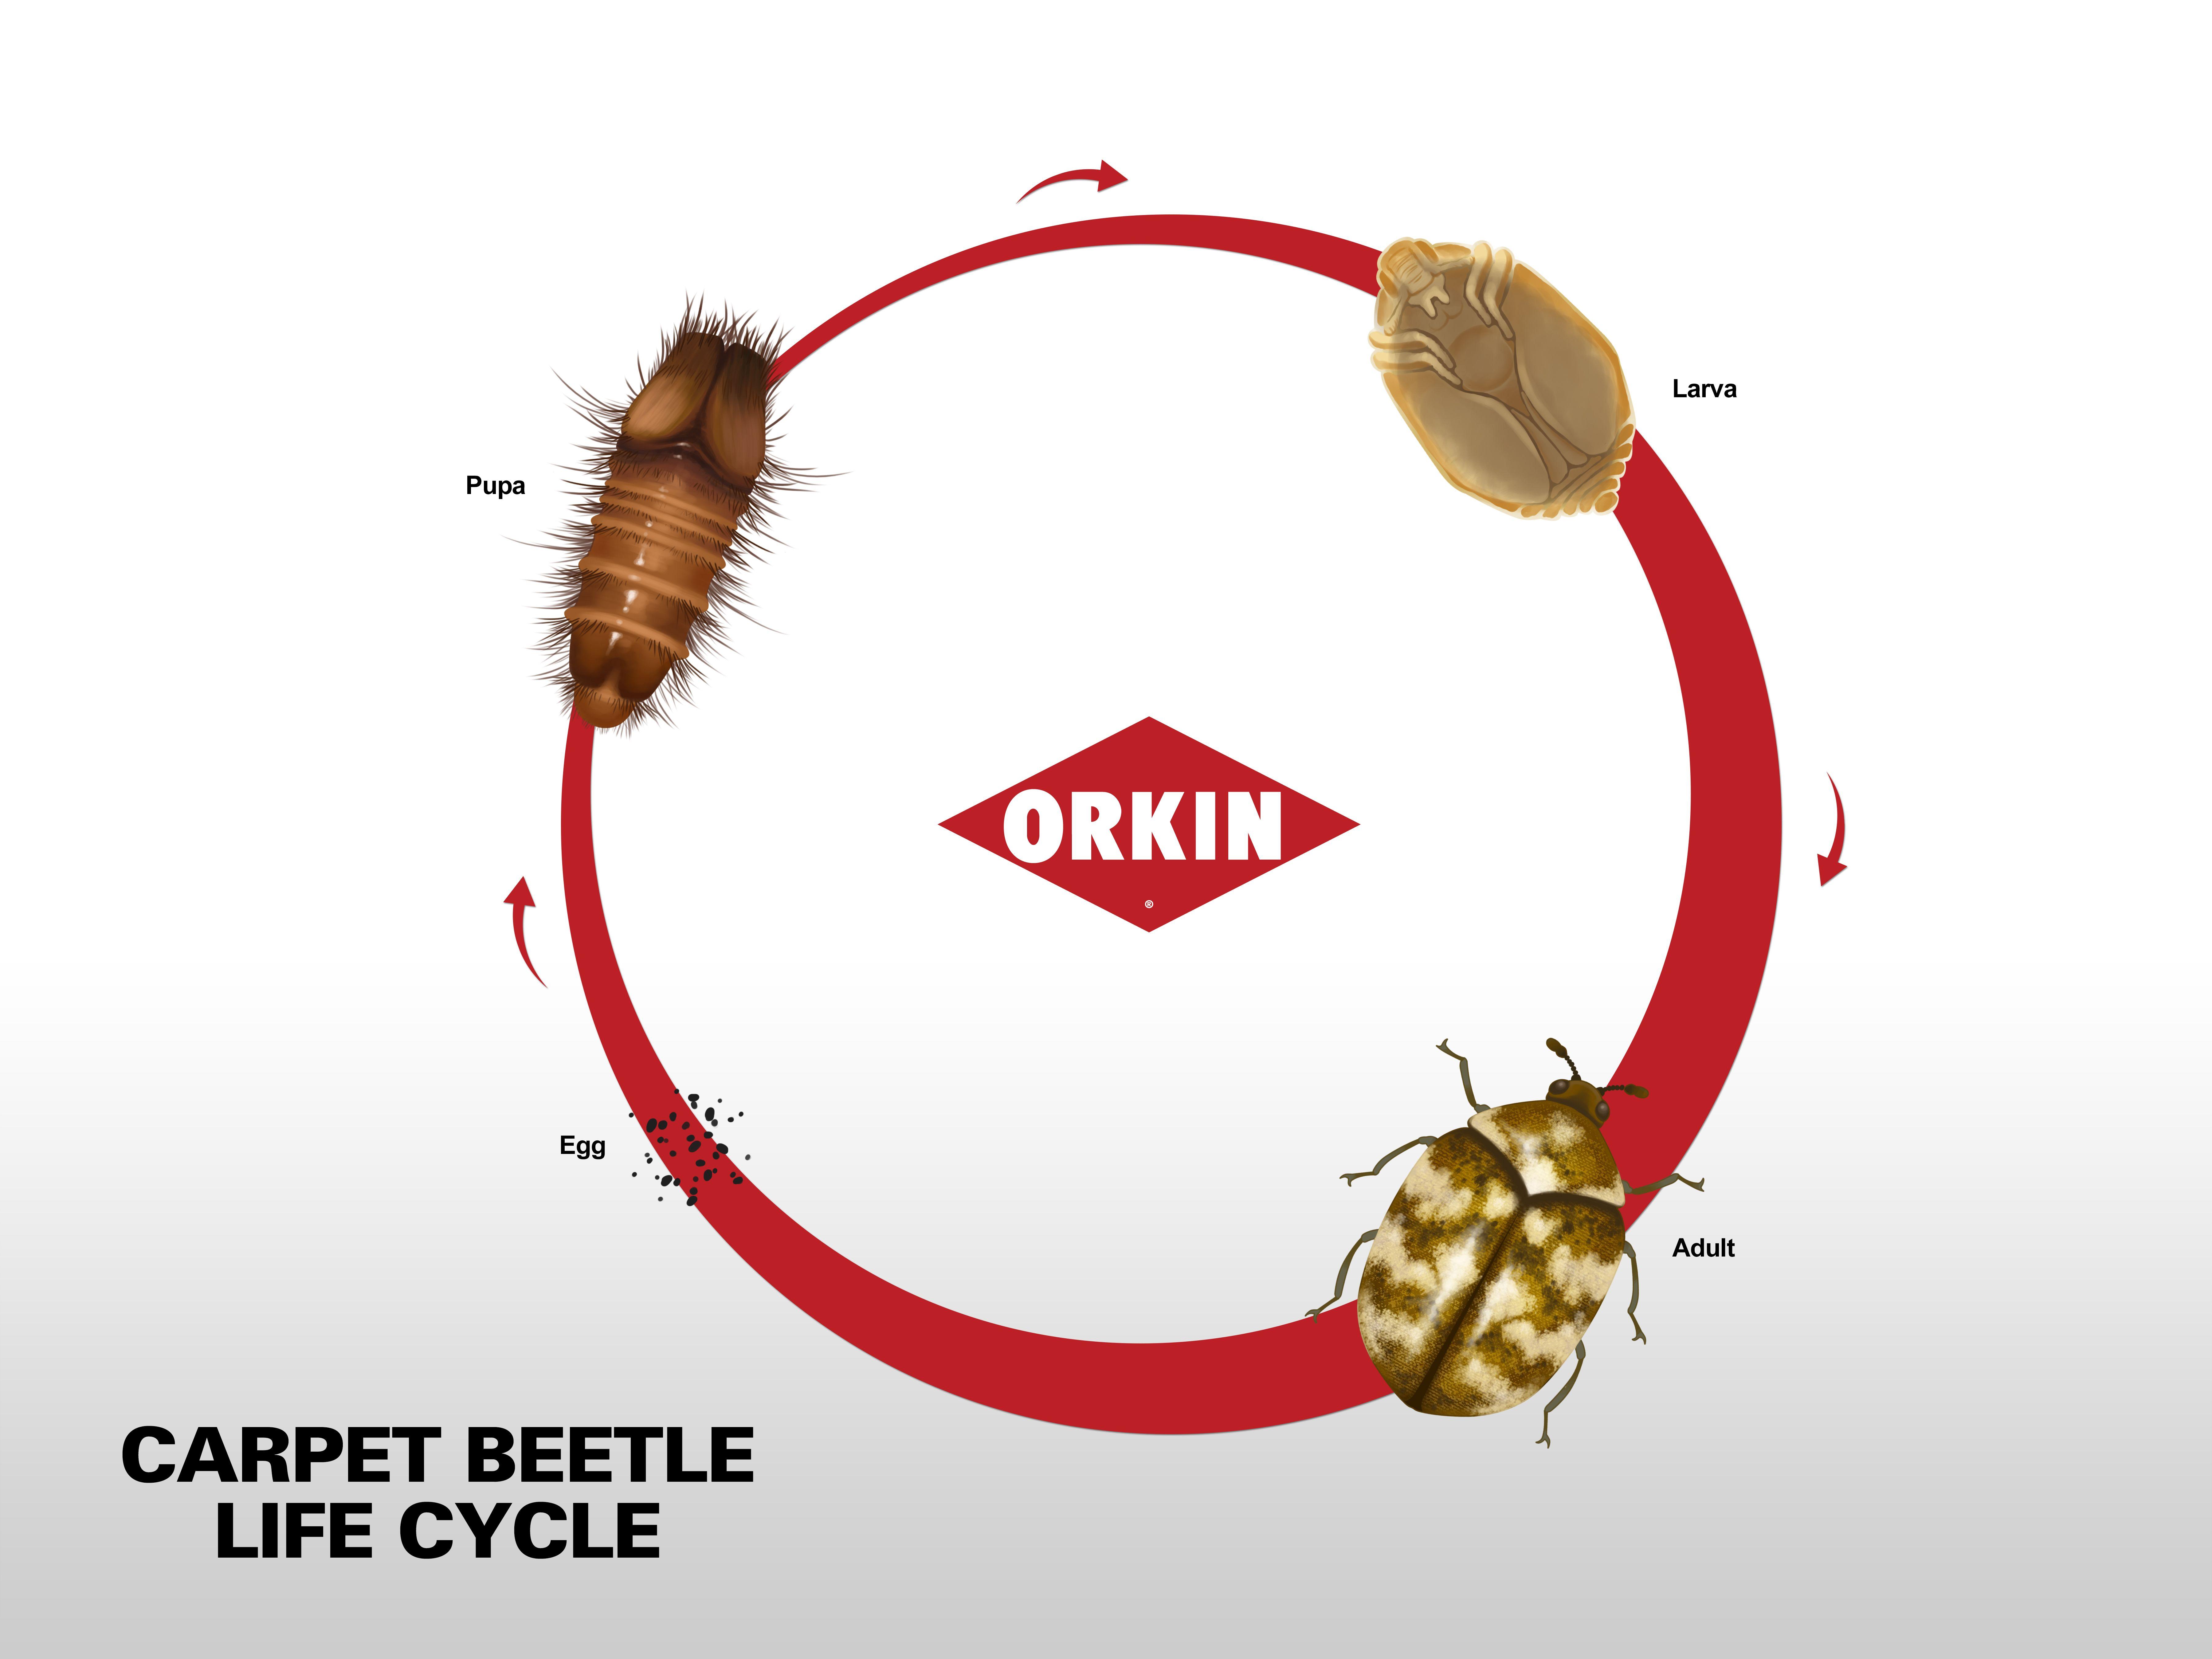 Varied Carpet Beetle Life Cycle in 2020 Carpet beetle